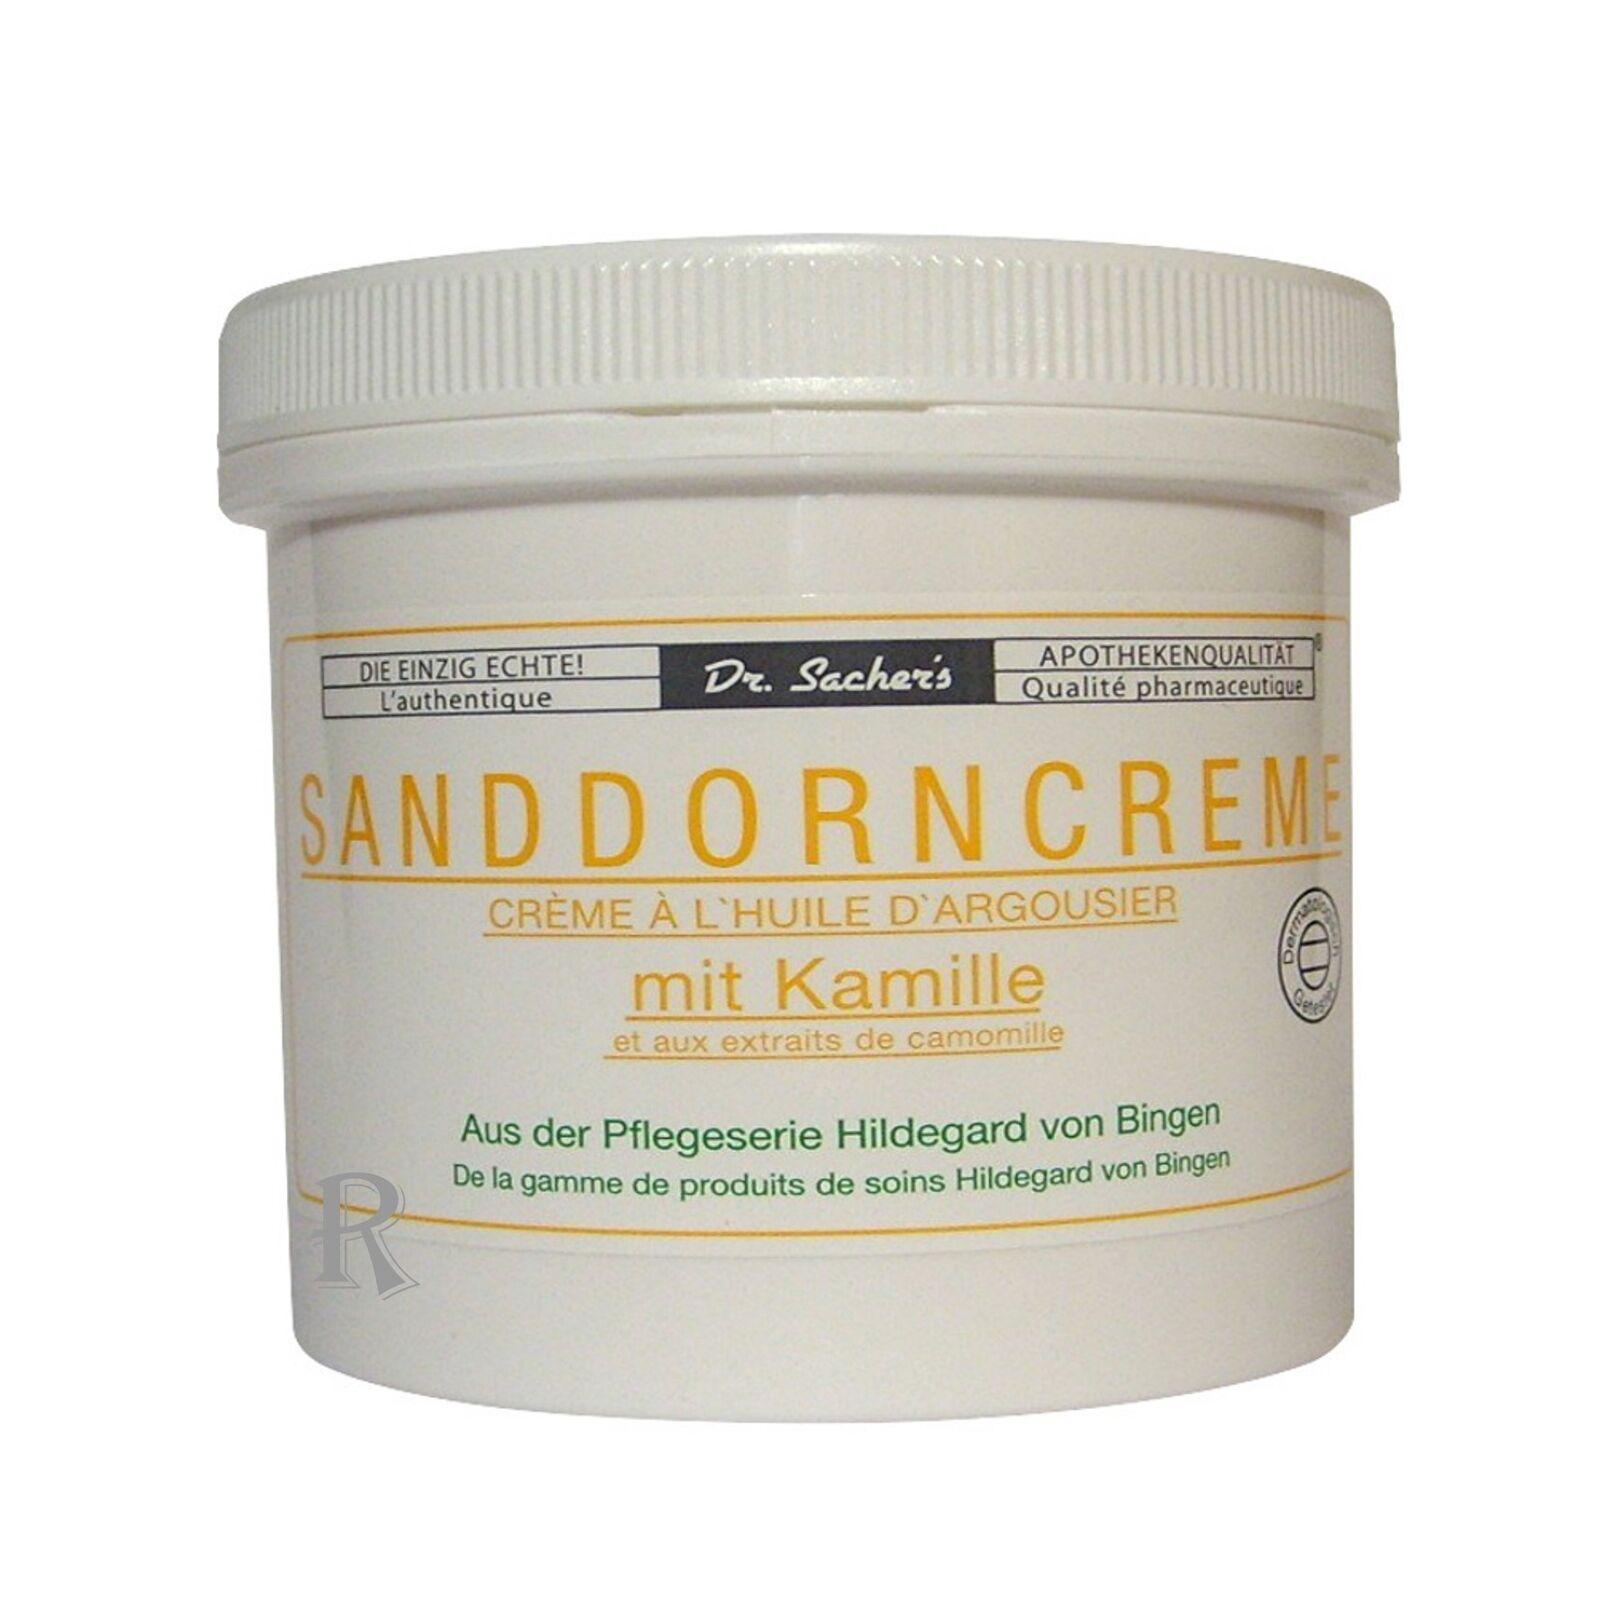 3 x Sanddorn Creme Kamille Sanddorn Öl Dr. Sacher s Kühn Kosmetik Creme Balsam